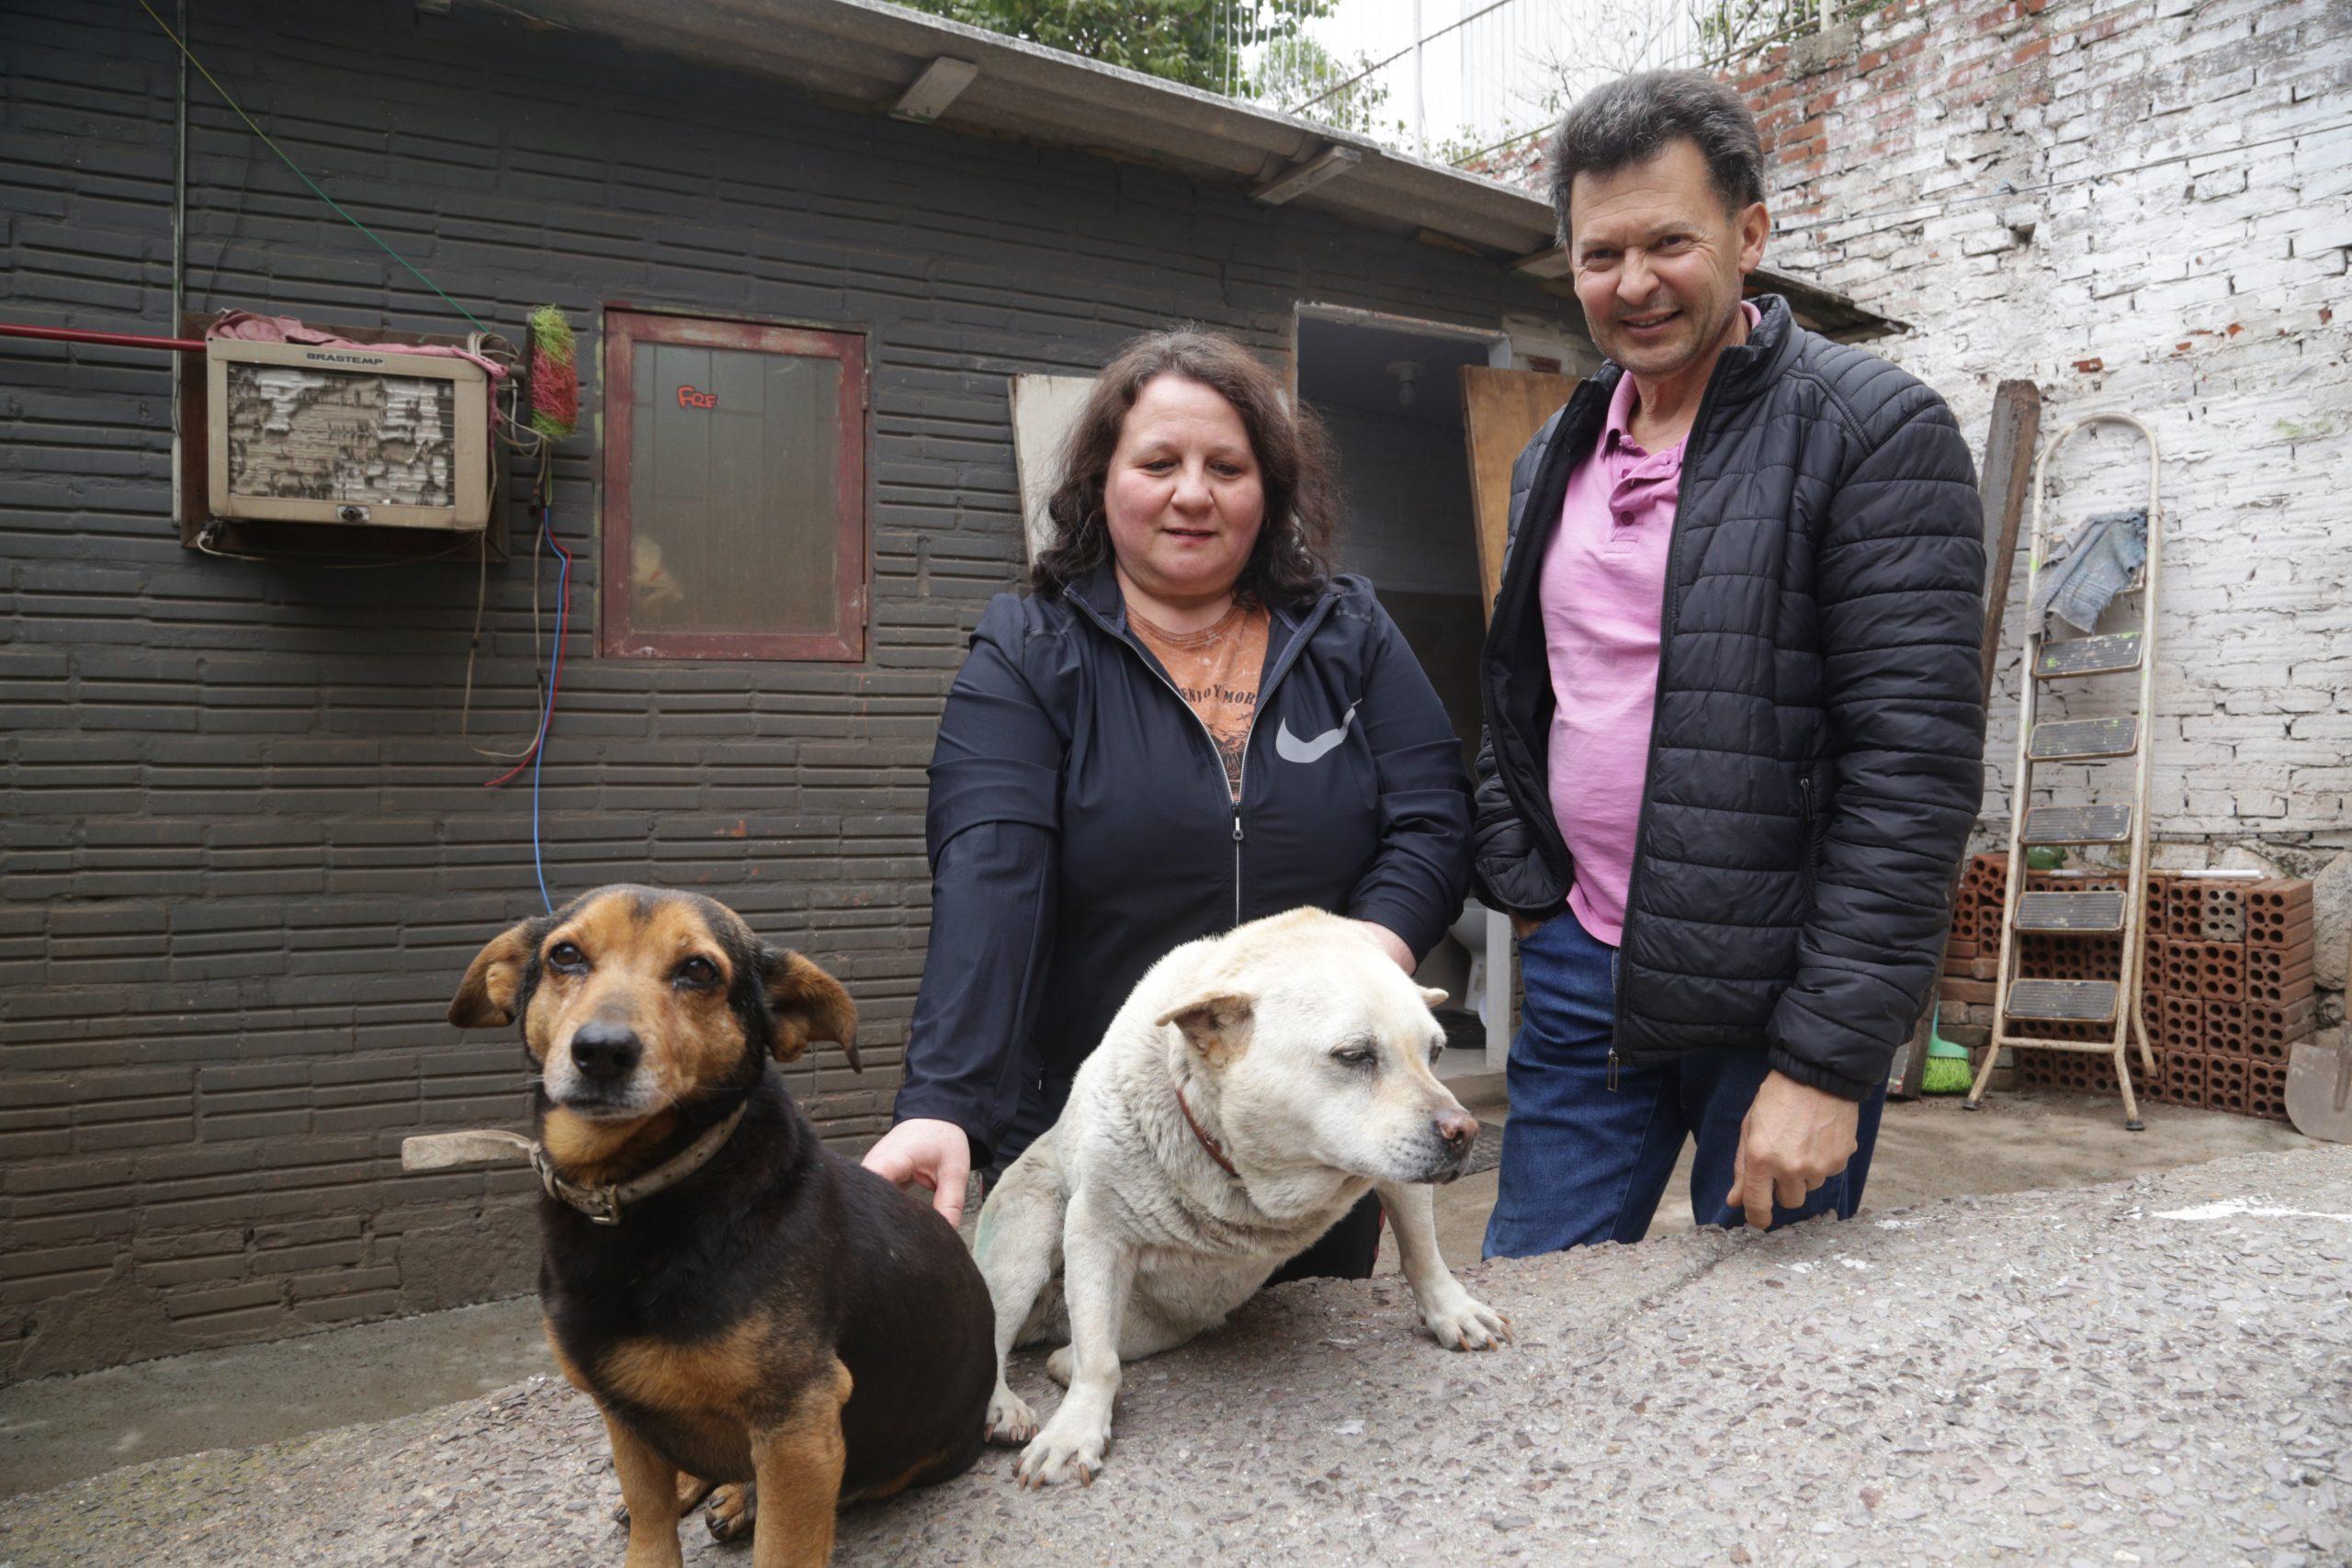 Cães comunitários são alternativa para canis superlotados